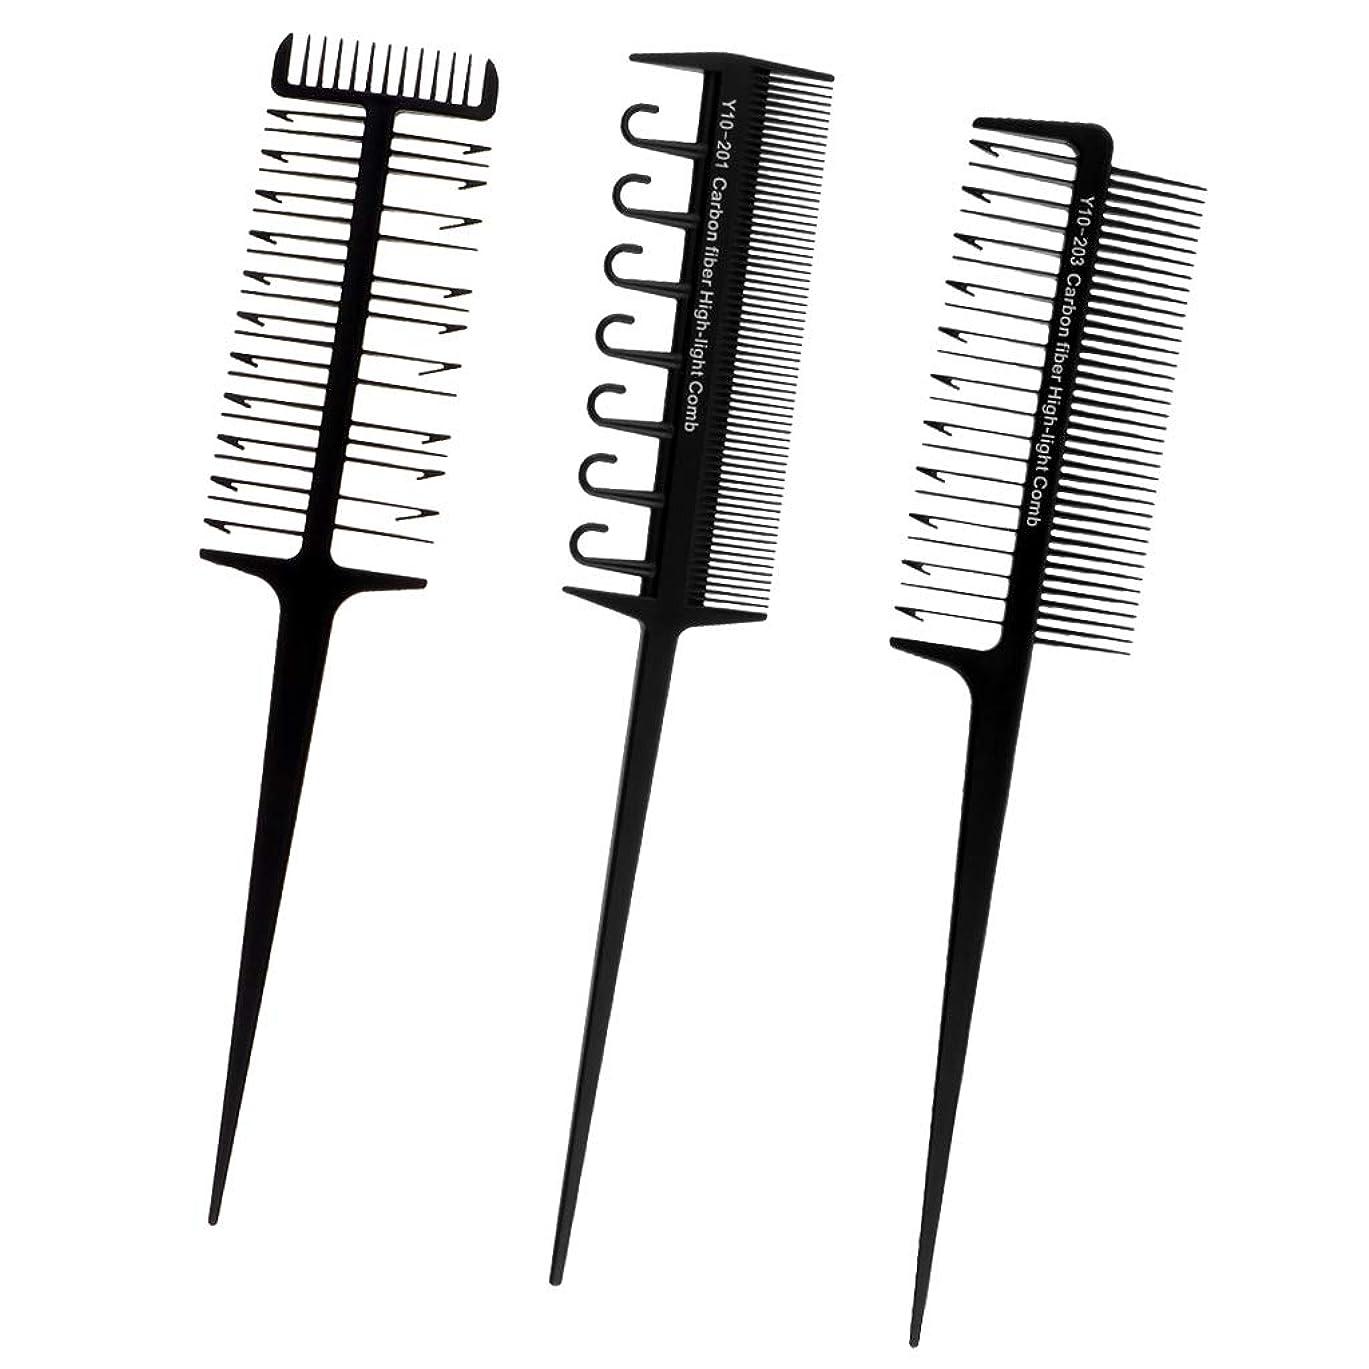 万一に備えて健康カリングSM SunniMix ヘアダイブラシ プロ用 へアカラーセット 3本セット DIY髪染め用 サロン 美髪師用 ヘアカラーの用具